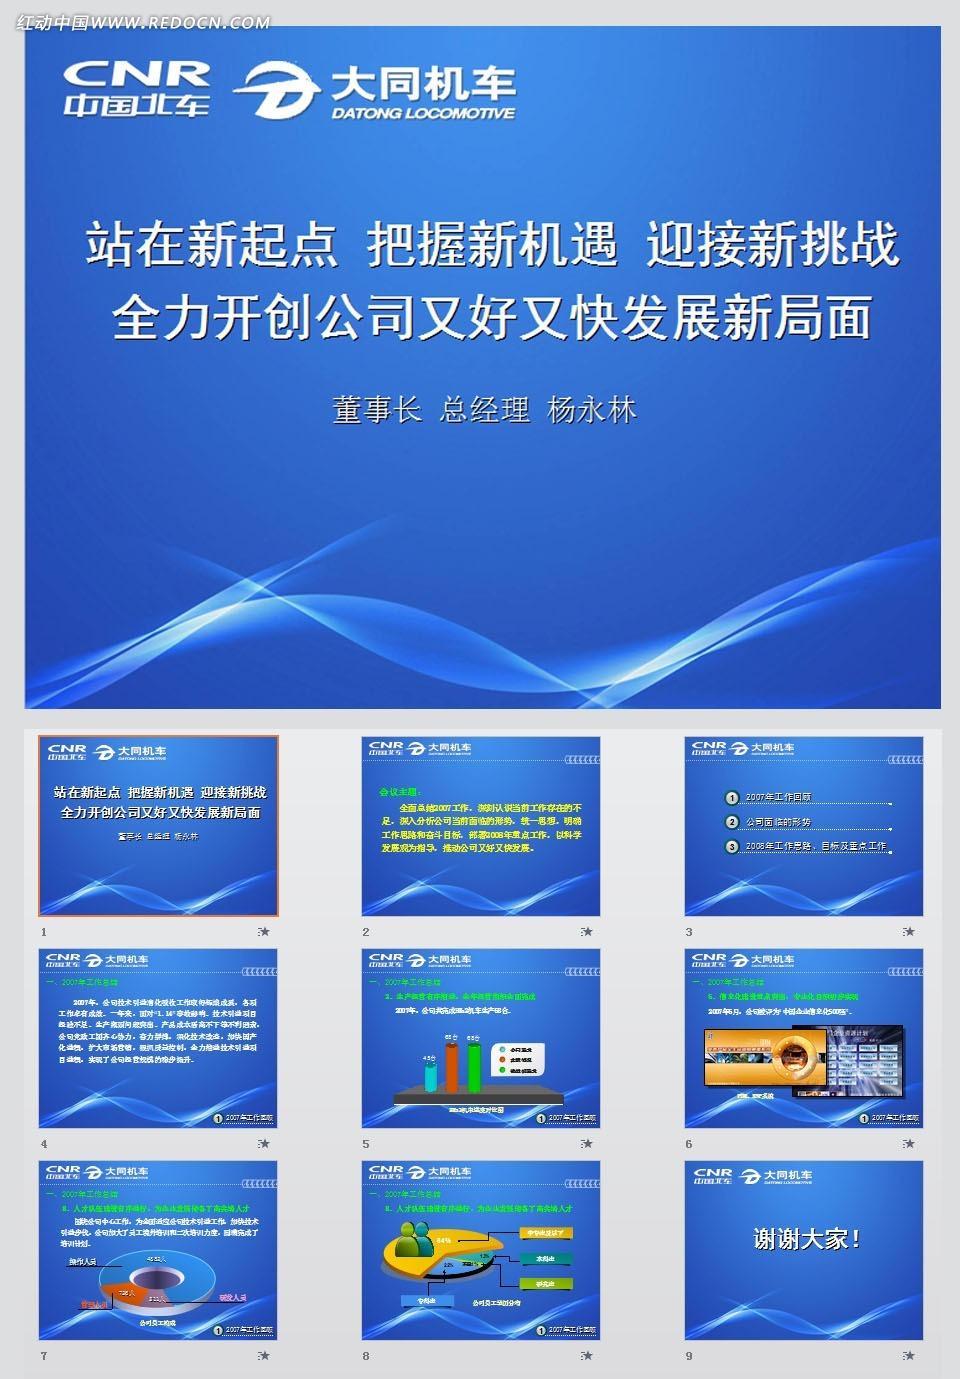 汽车公司工作汇报PPT模板素材免费下载 编号3041298 红动网